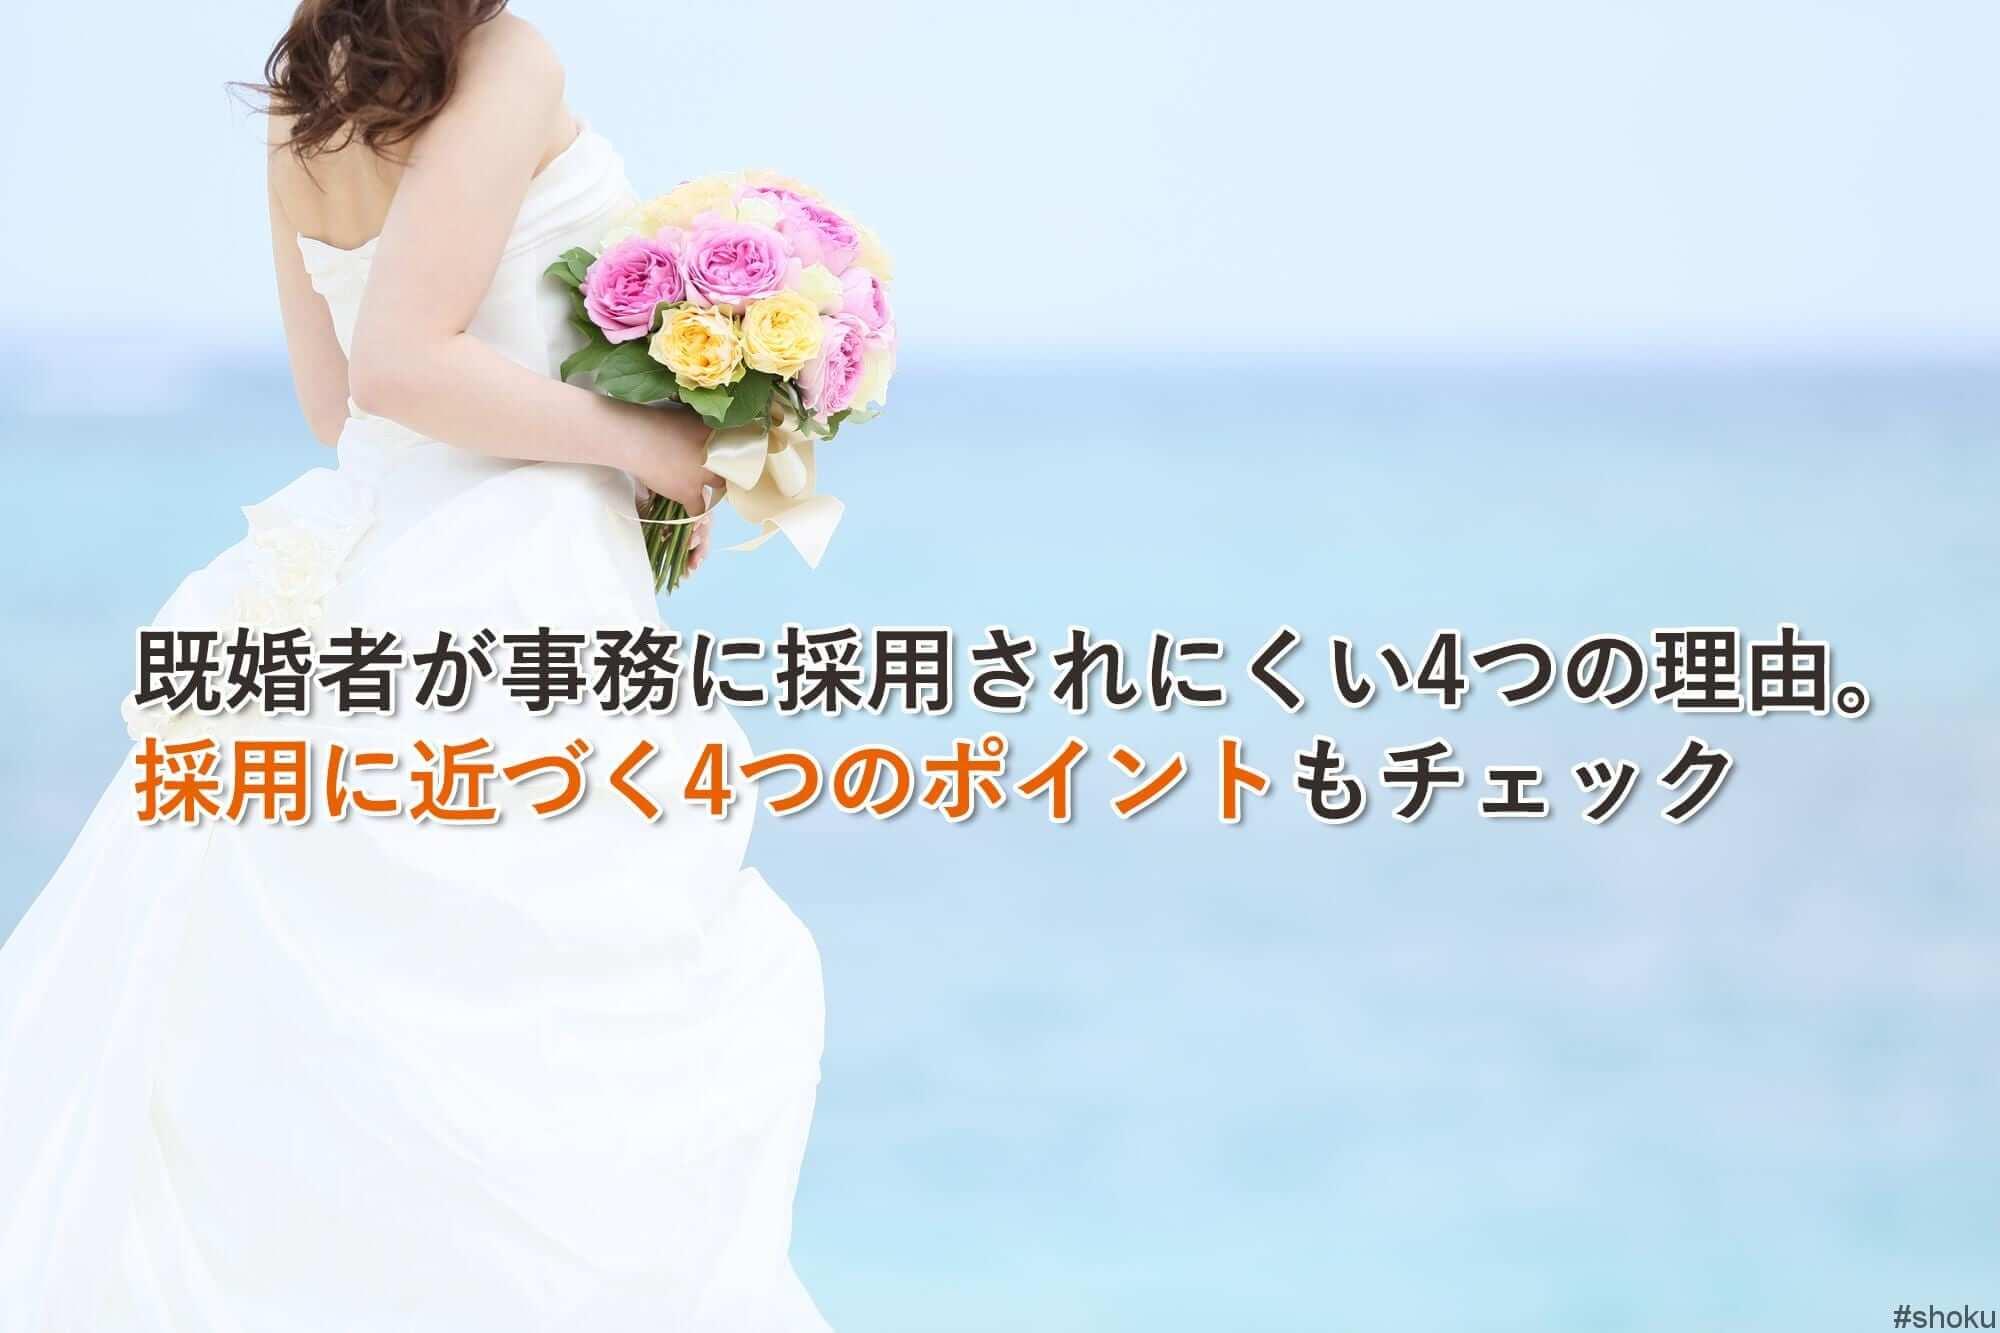 既婚者が事務に採用されにくい4つの理由。採用に近づく4つのポイントもチェック